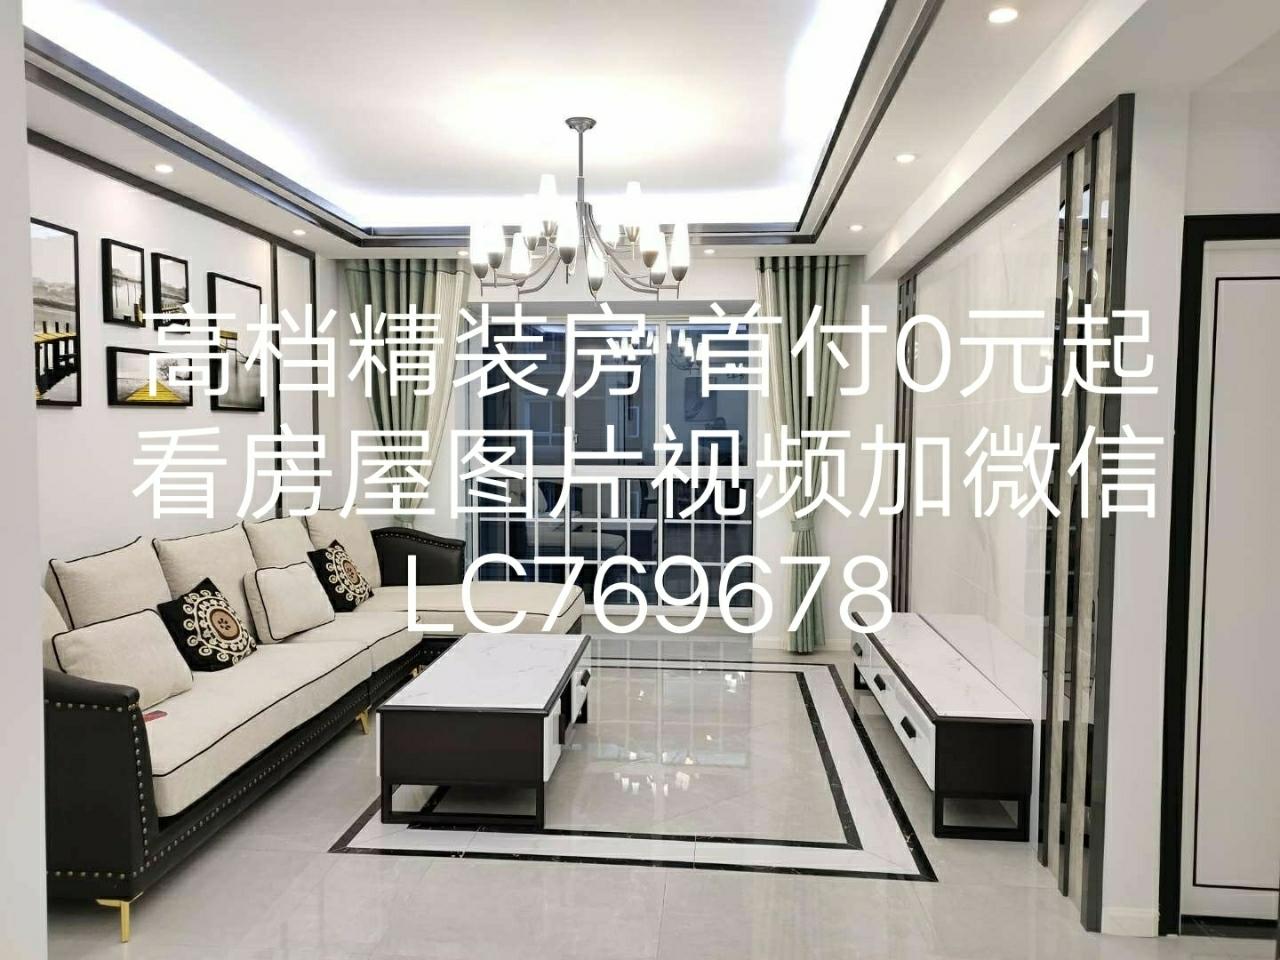 C191利城半岛3室2厅2卫精装9楼68.8万